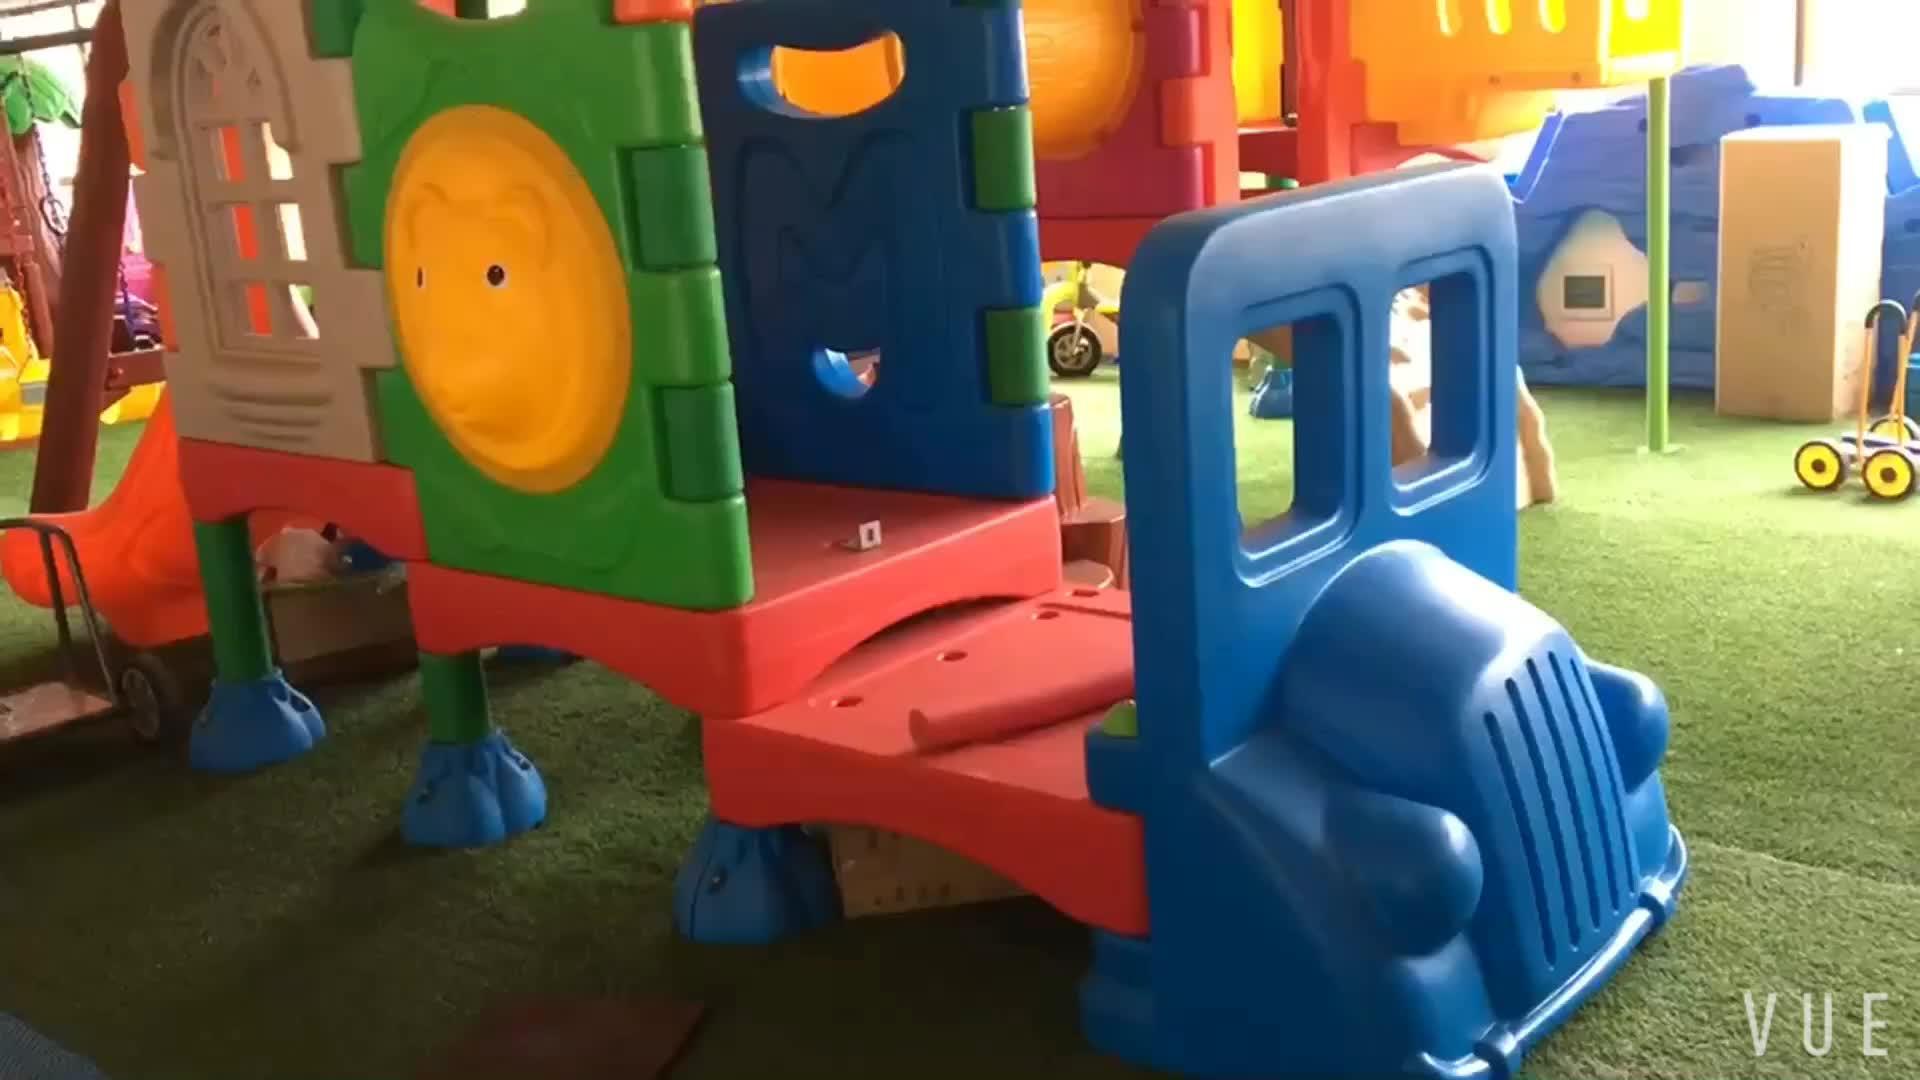 Kleine plastic glijbaan kids goedkope indoor kunststof glijbaan schommel set